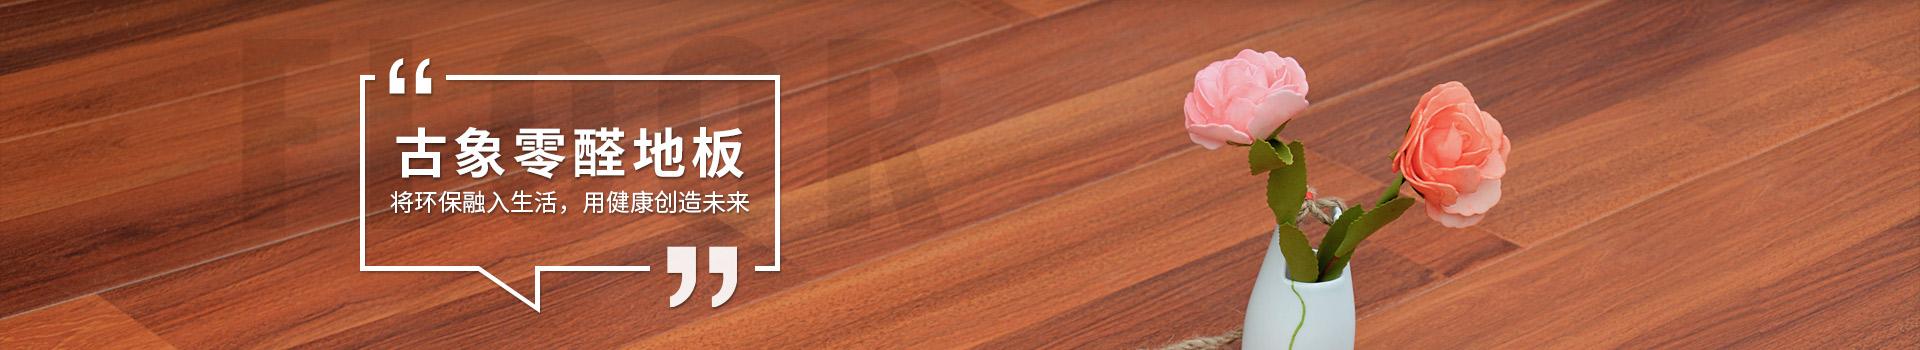 古象零醛地板,将环保融入生活,用健康创造未来